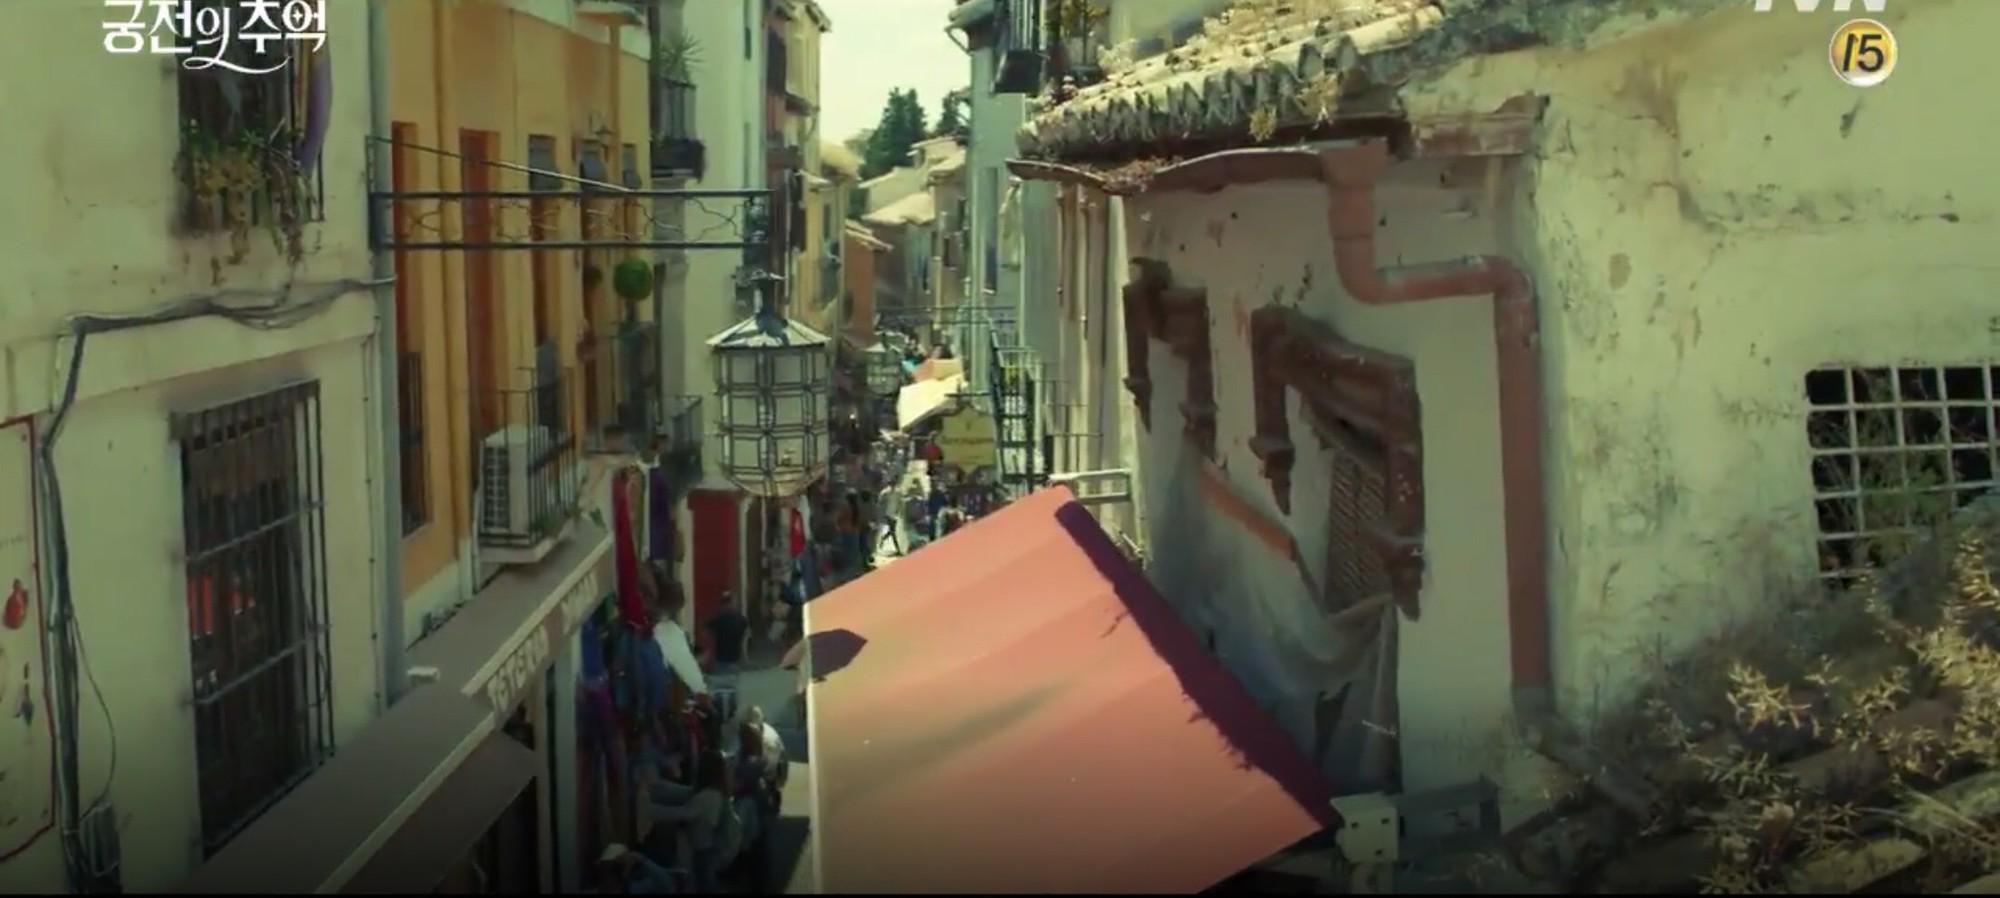 Park Shin Hye trùm khăn đỏ huyền bí trong teaser Memories of the Alhambra vừa tung nóng hổi - Ảnh 13.